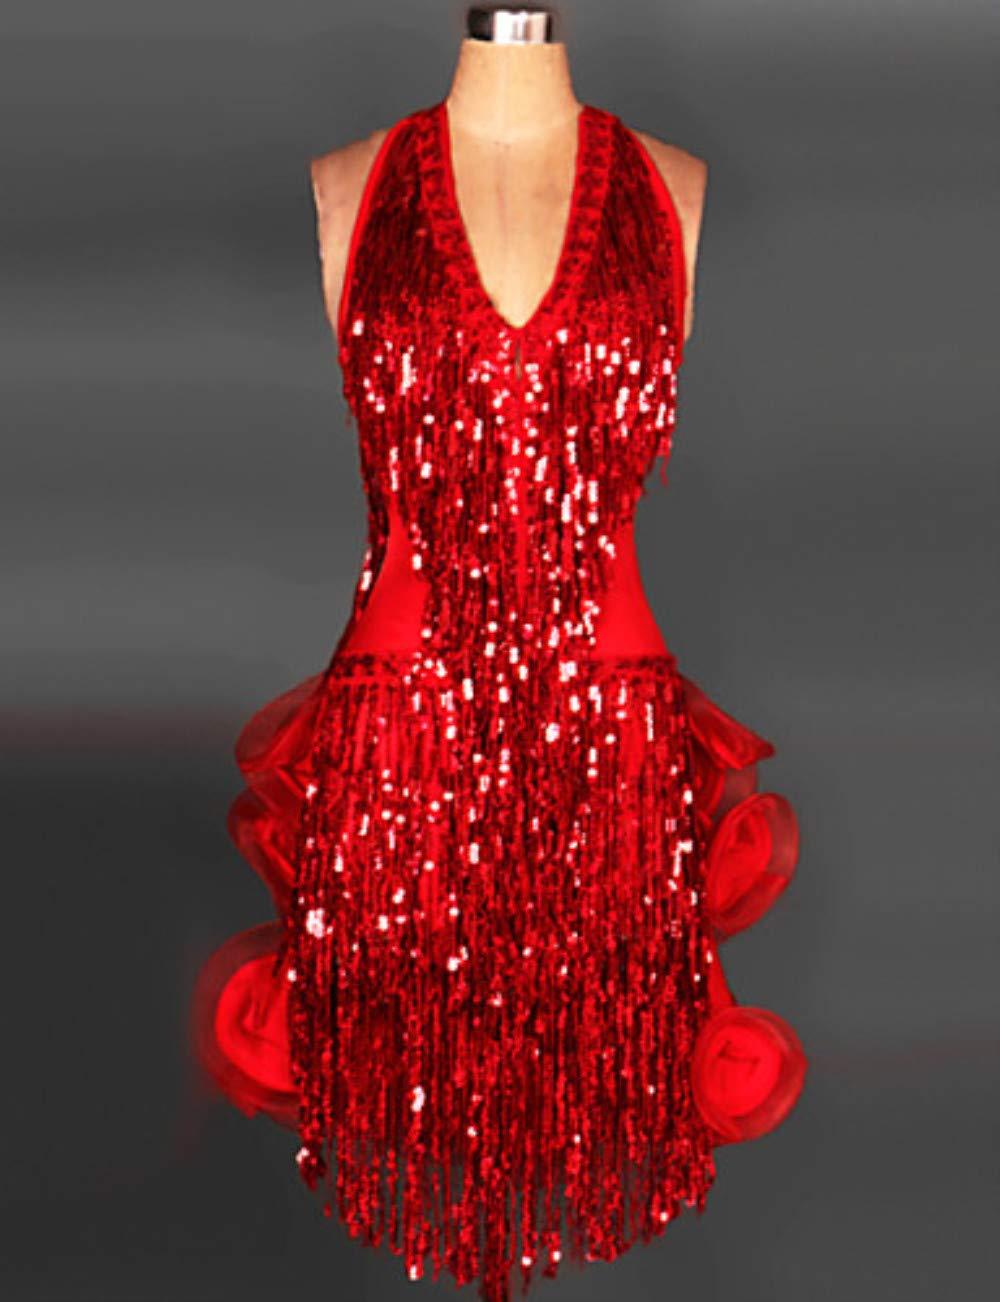 高価値 ラテンダンスドレス & スカート女性のトレーニングパフォーマンススパンデックススパンコールシャーリングタッセルノースリーブドレスサンバ B07P8KK9RP & Large Large|Red B07P8KK9RP Red Large, Retailer リテイラー:05b60c84 --- a0267596.xsph.ru